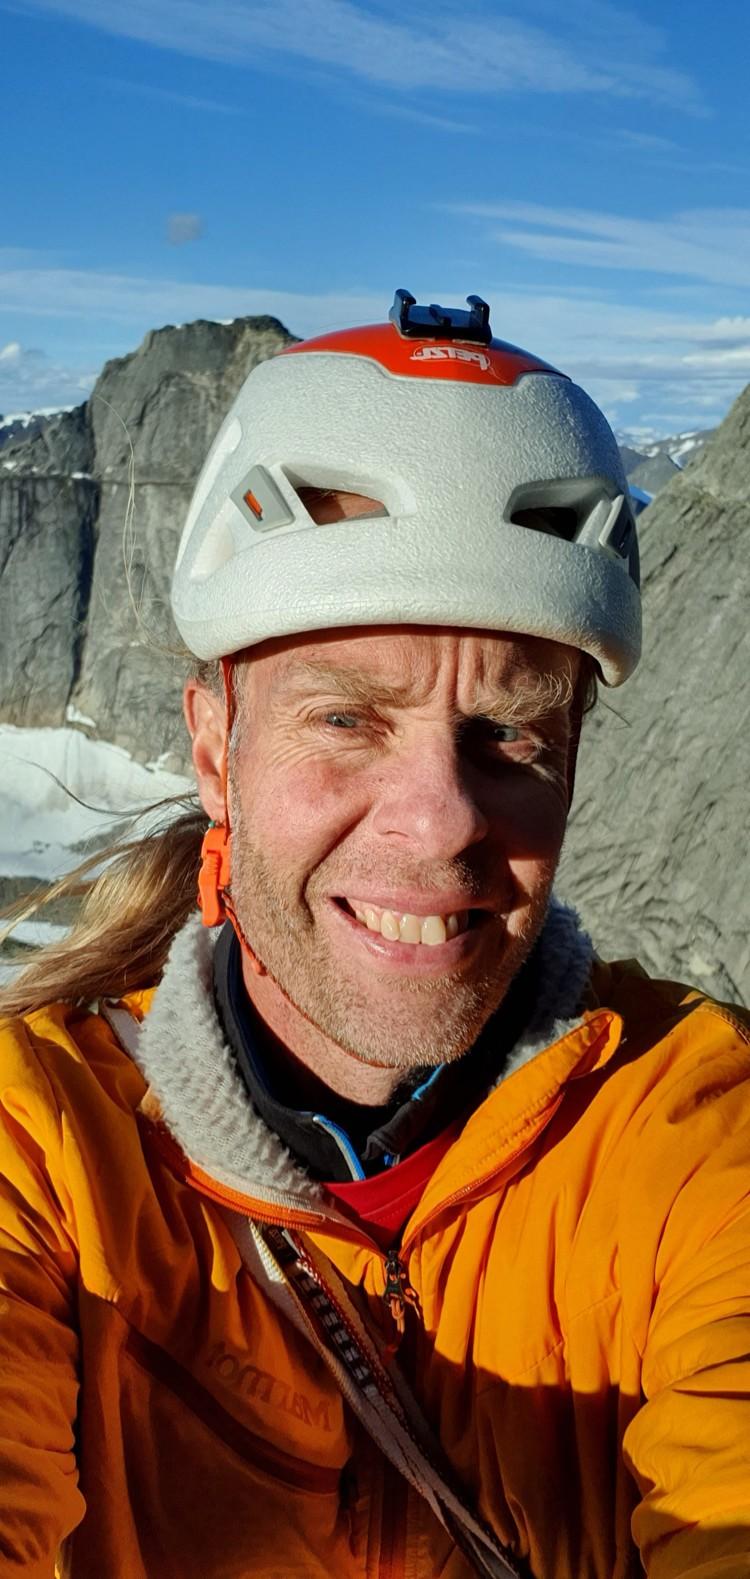 Robert Jasper en Stetind, Noruega. Foto: Rober Jasper